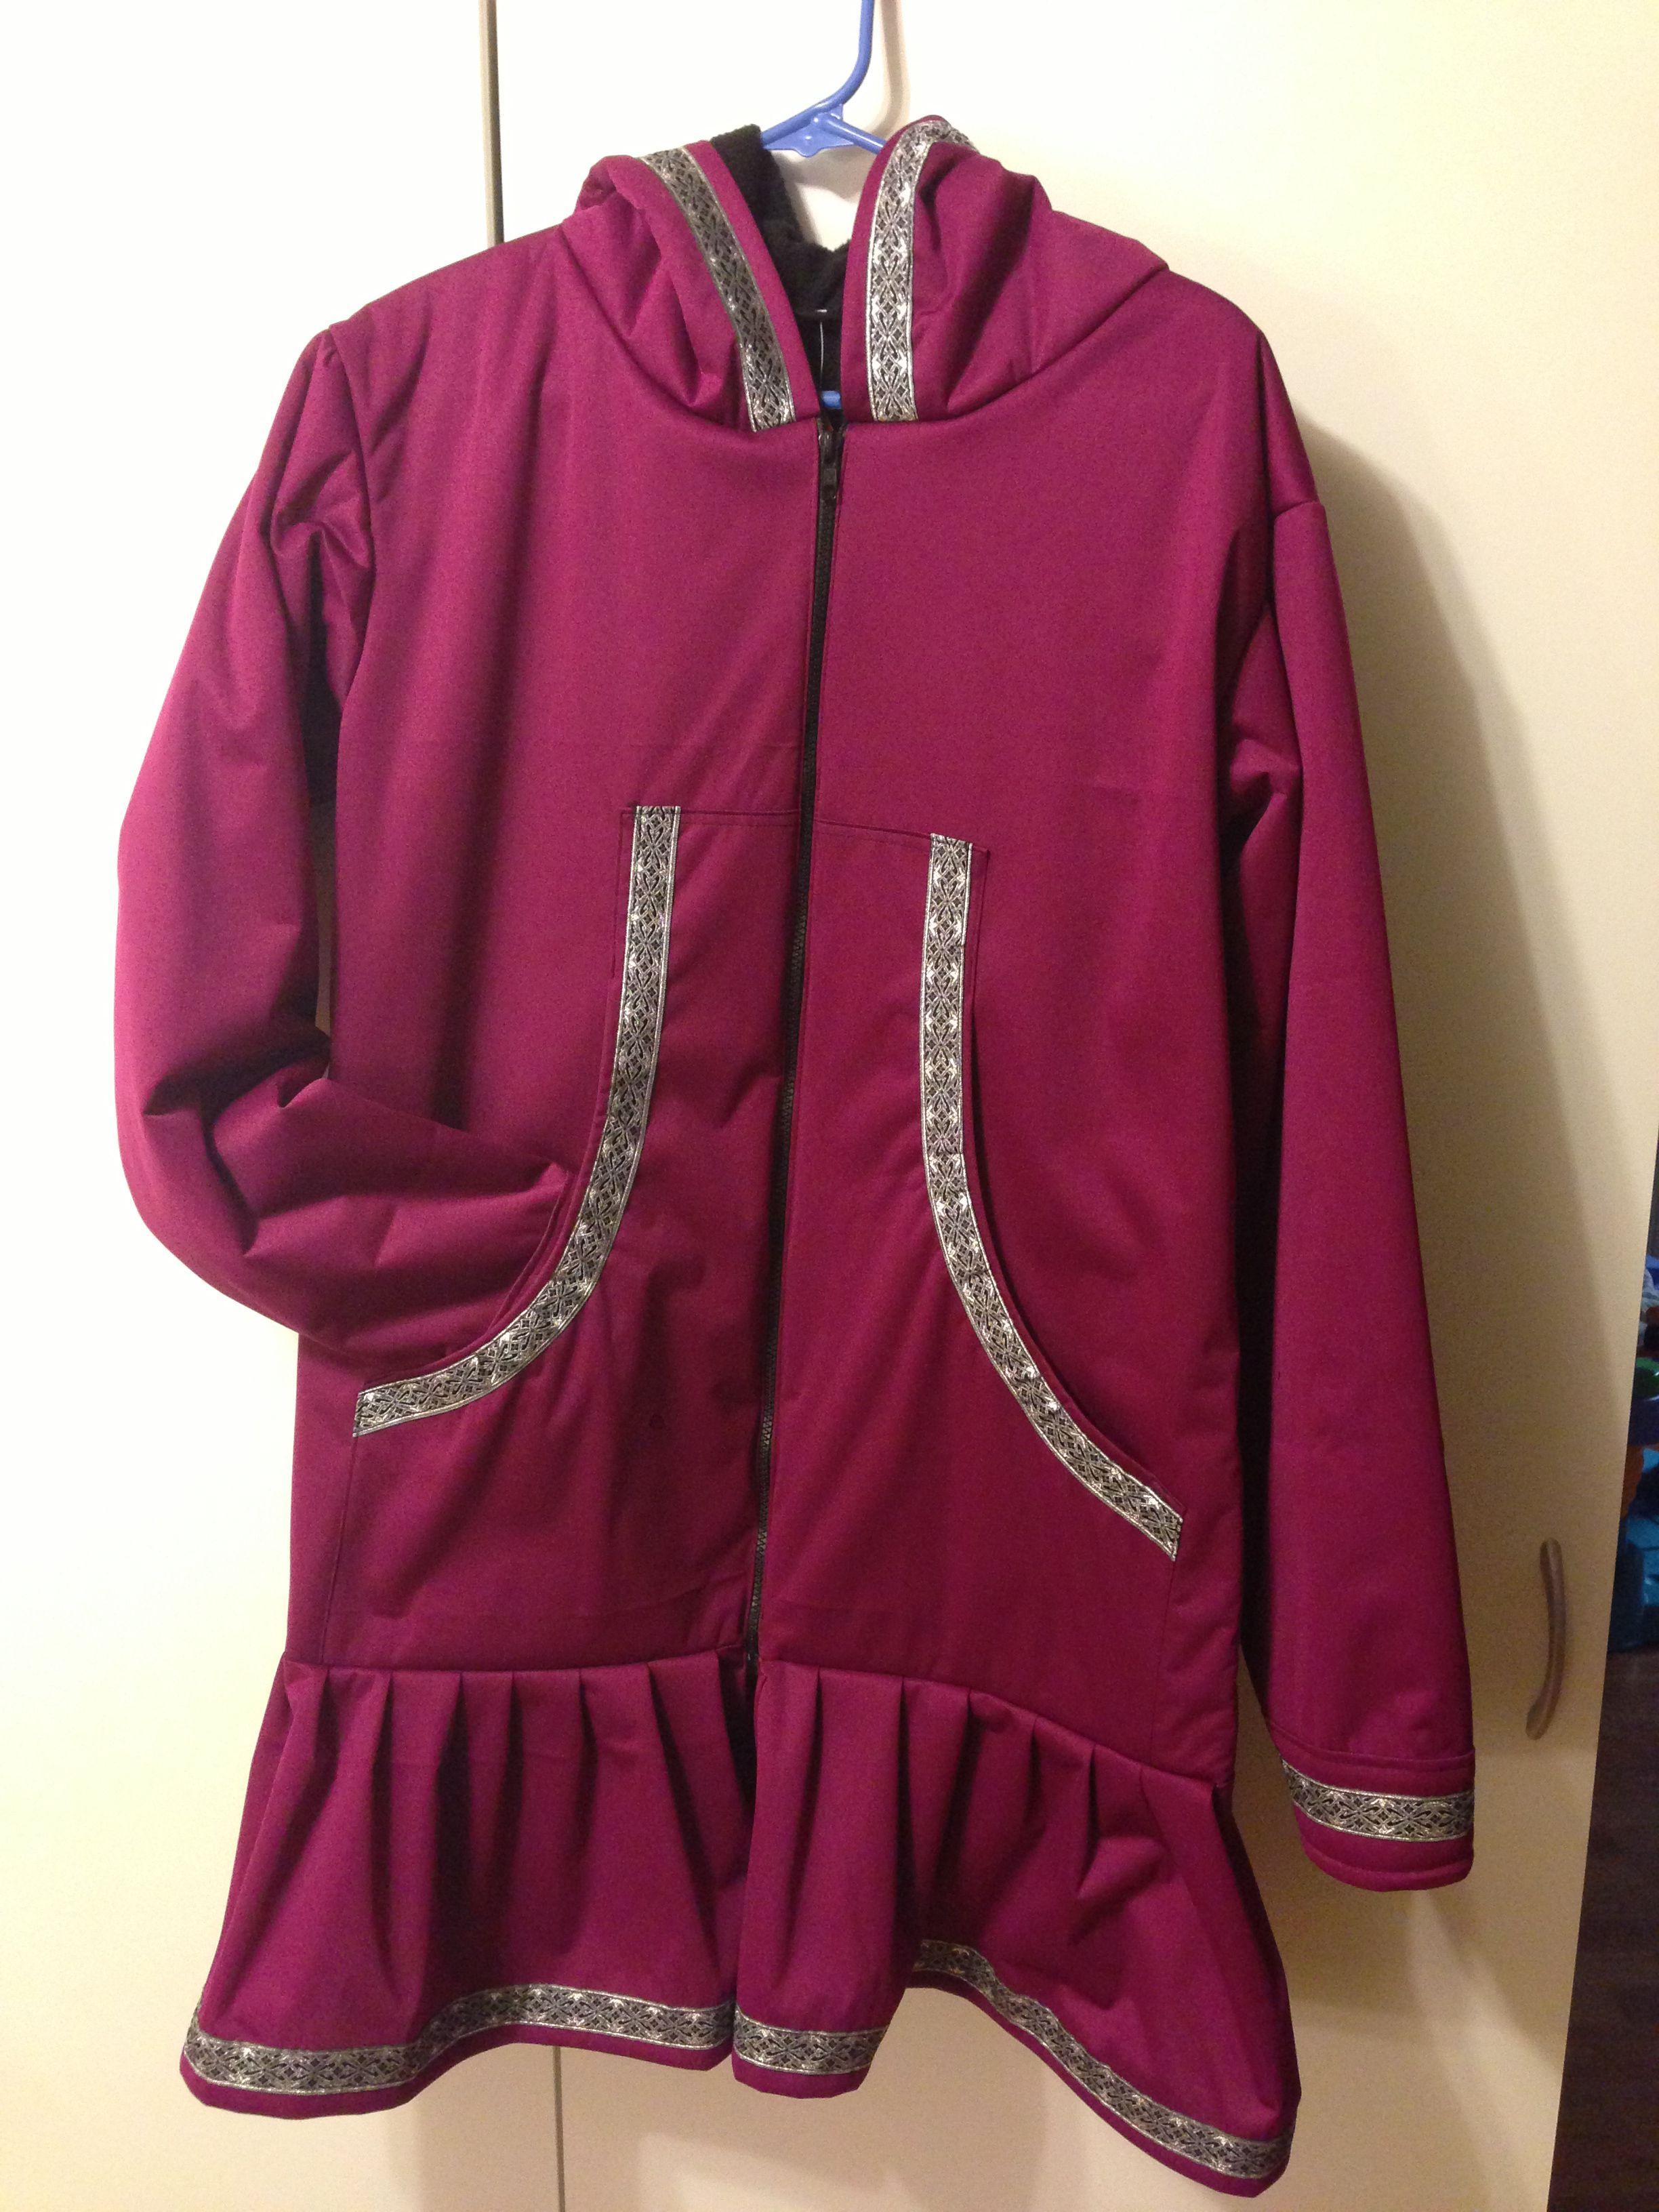 Ladies Fleece Lined Waterproof Kuspuk Special Order Clothes Athletic Jacket Hooded Jacket